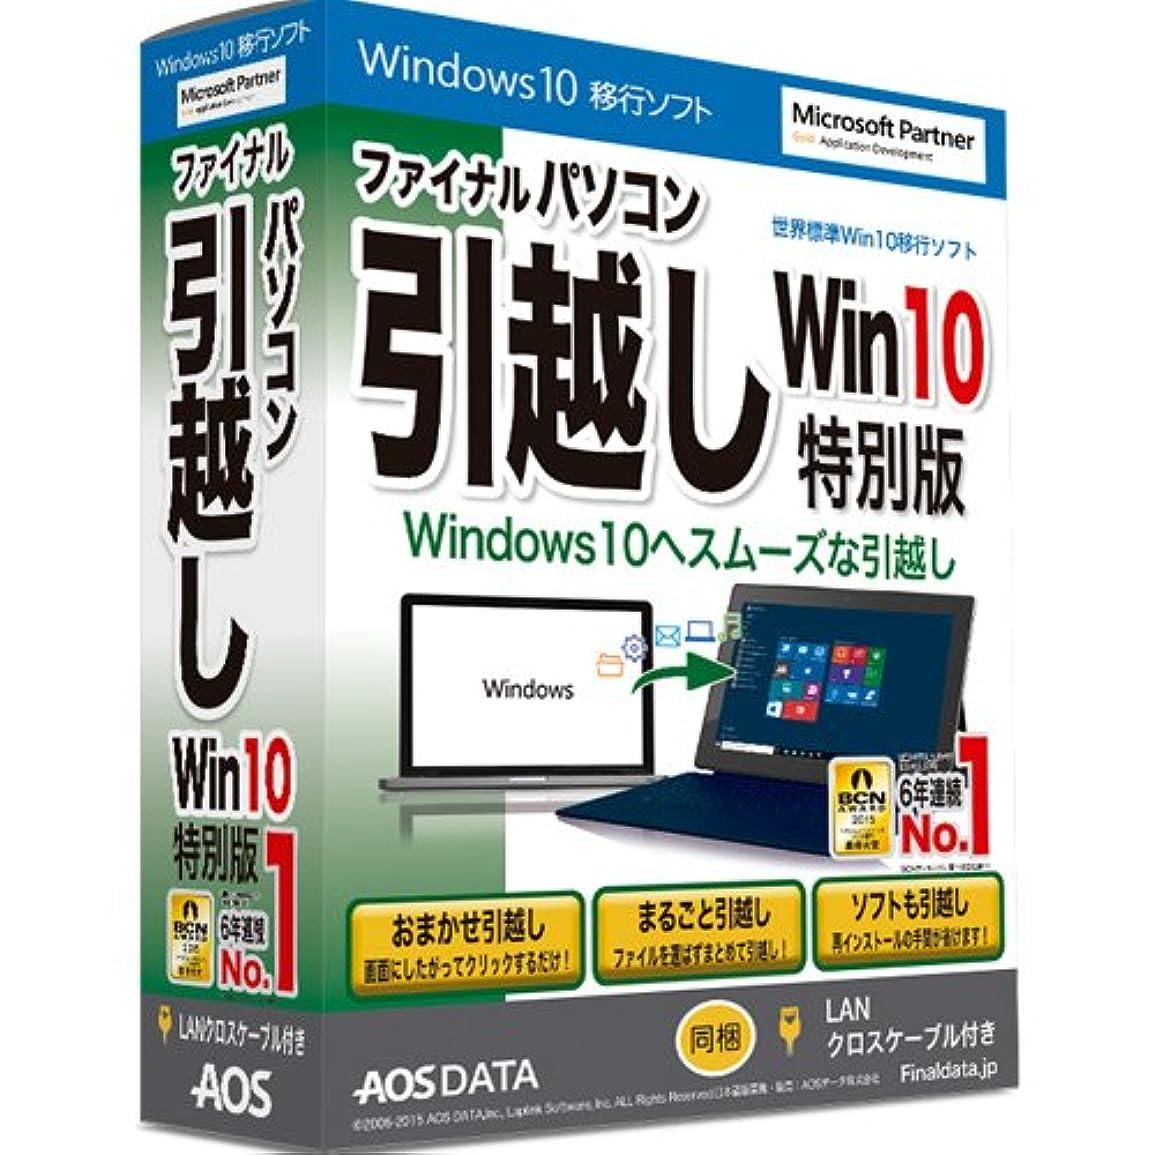 暴力的な市区町村サバントファイナルパソコン引越し Win10特別 LANクロスケーブル付【OSの移行やパソコンの乗り換えに、簡単な手順でデータ移行できるソフト】